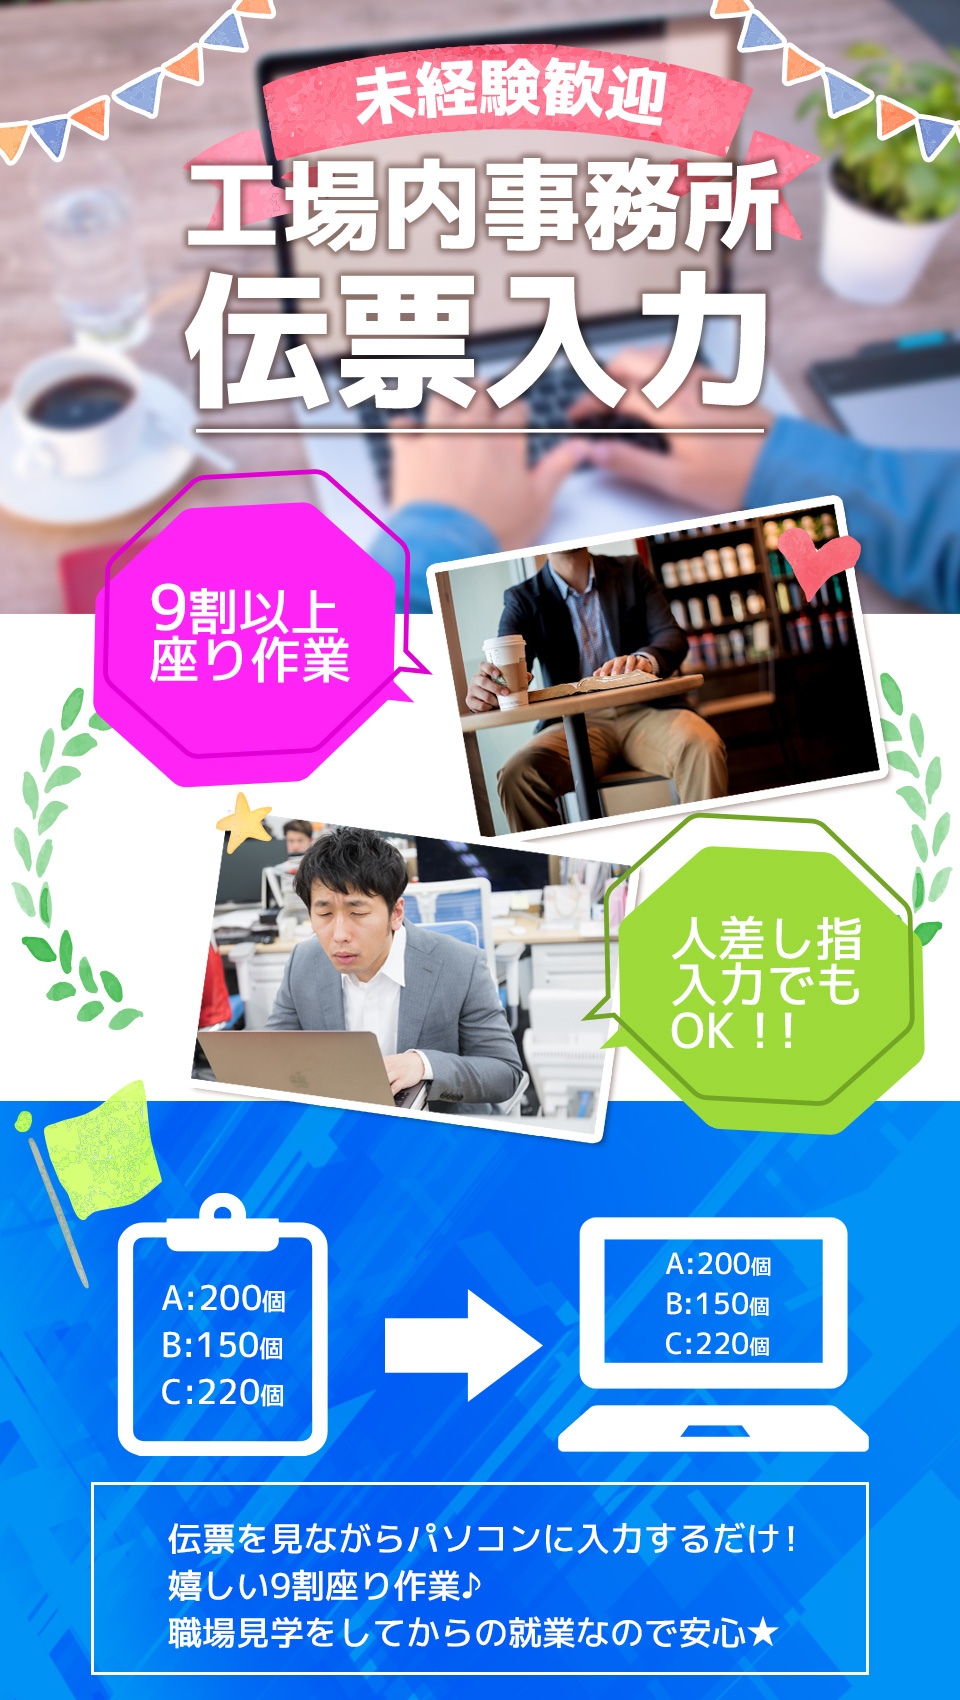 事務所での伝票入力 愛知県みよし市の派遣社員求人